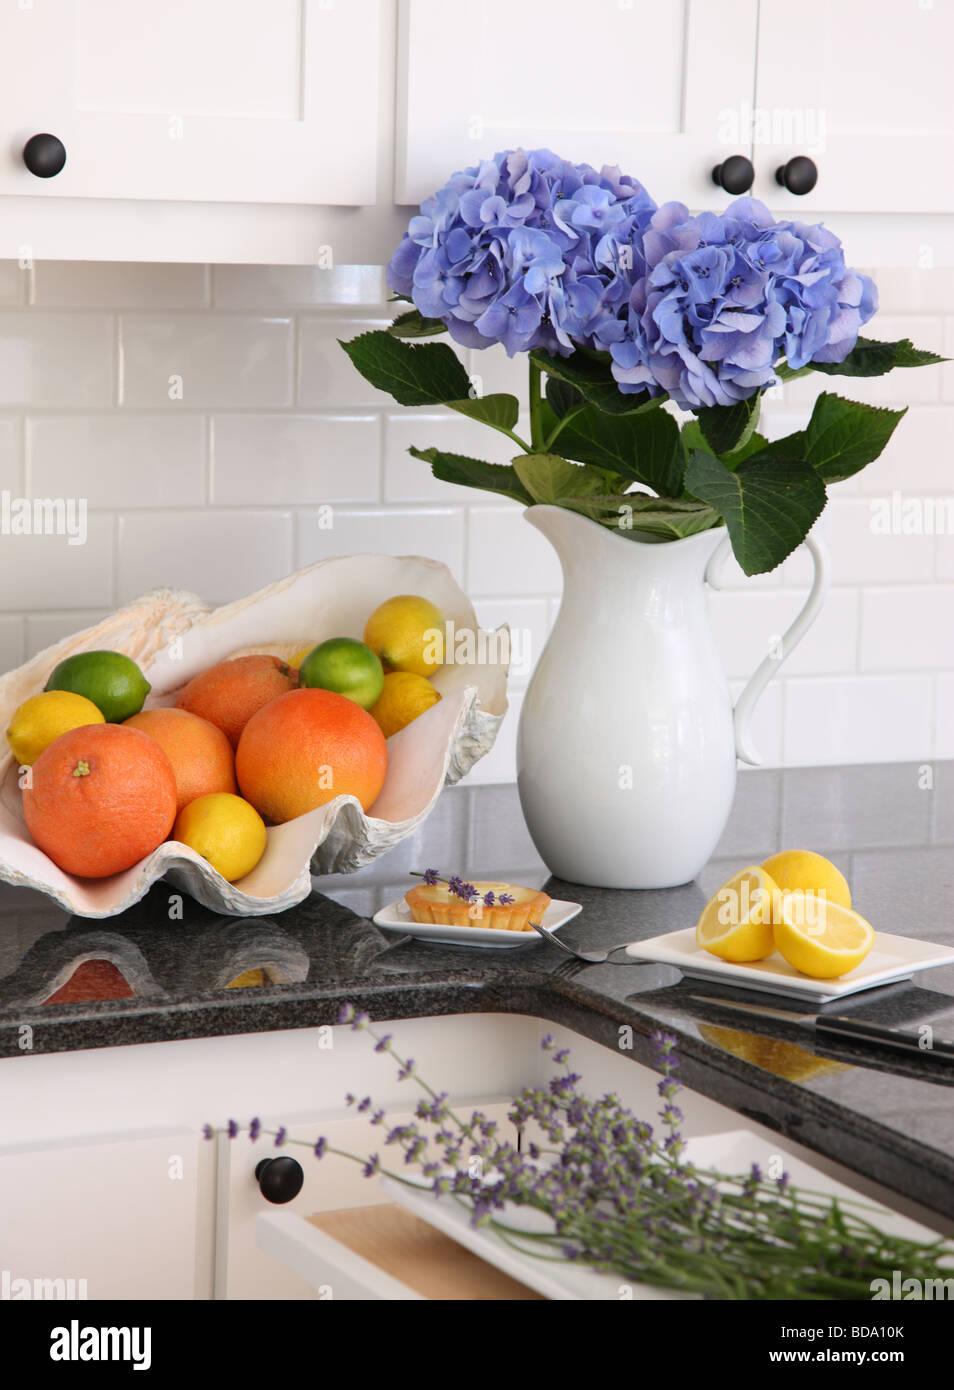 Cucina ancora vita con agrumi e fiori Immagini Stock